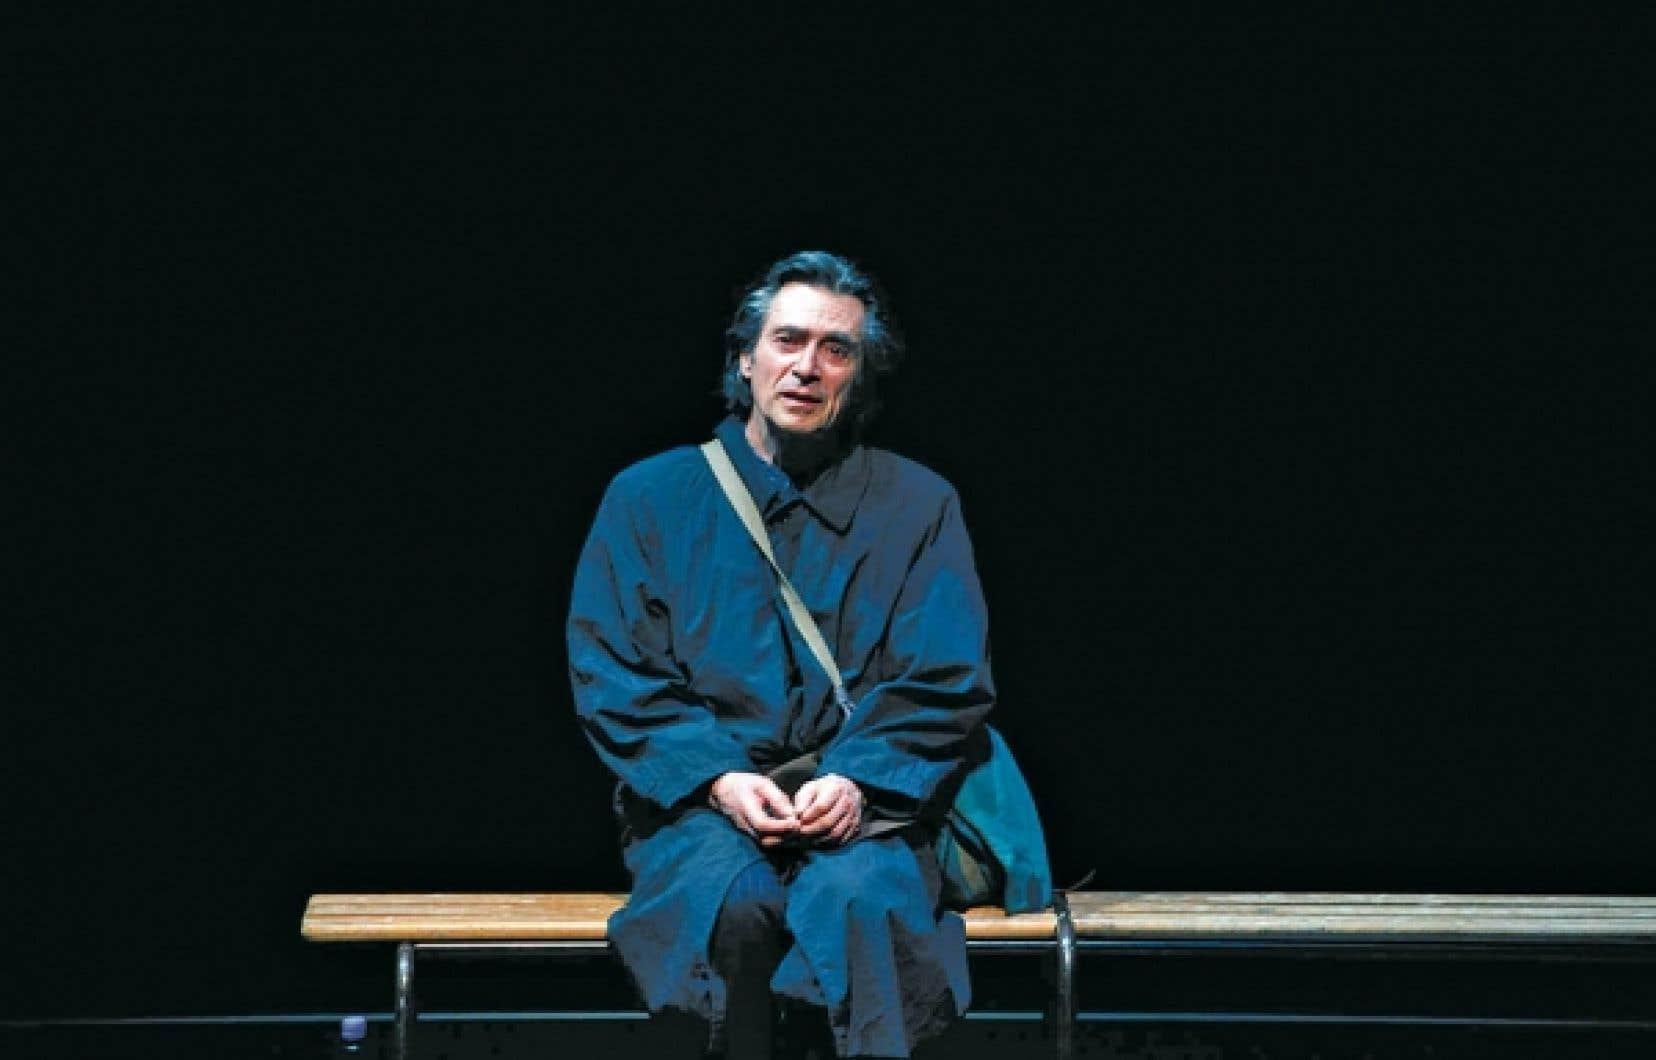 C'était la première de Premier amour hier soir à l'Usine C, interprété par l'acteur français Sami Frey, de retour à Montréal dans le cadre du Festival international de littérature. Trois ans après avoir présenté une lecture de Cap au pire à Montréal, le comédien renoue avec l'oeuvre de Beckett jusqu'au 25 septembre.